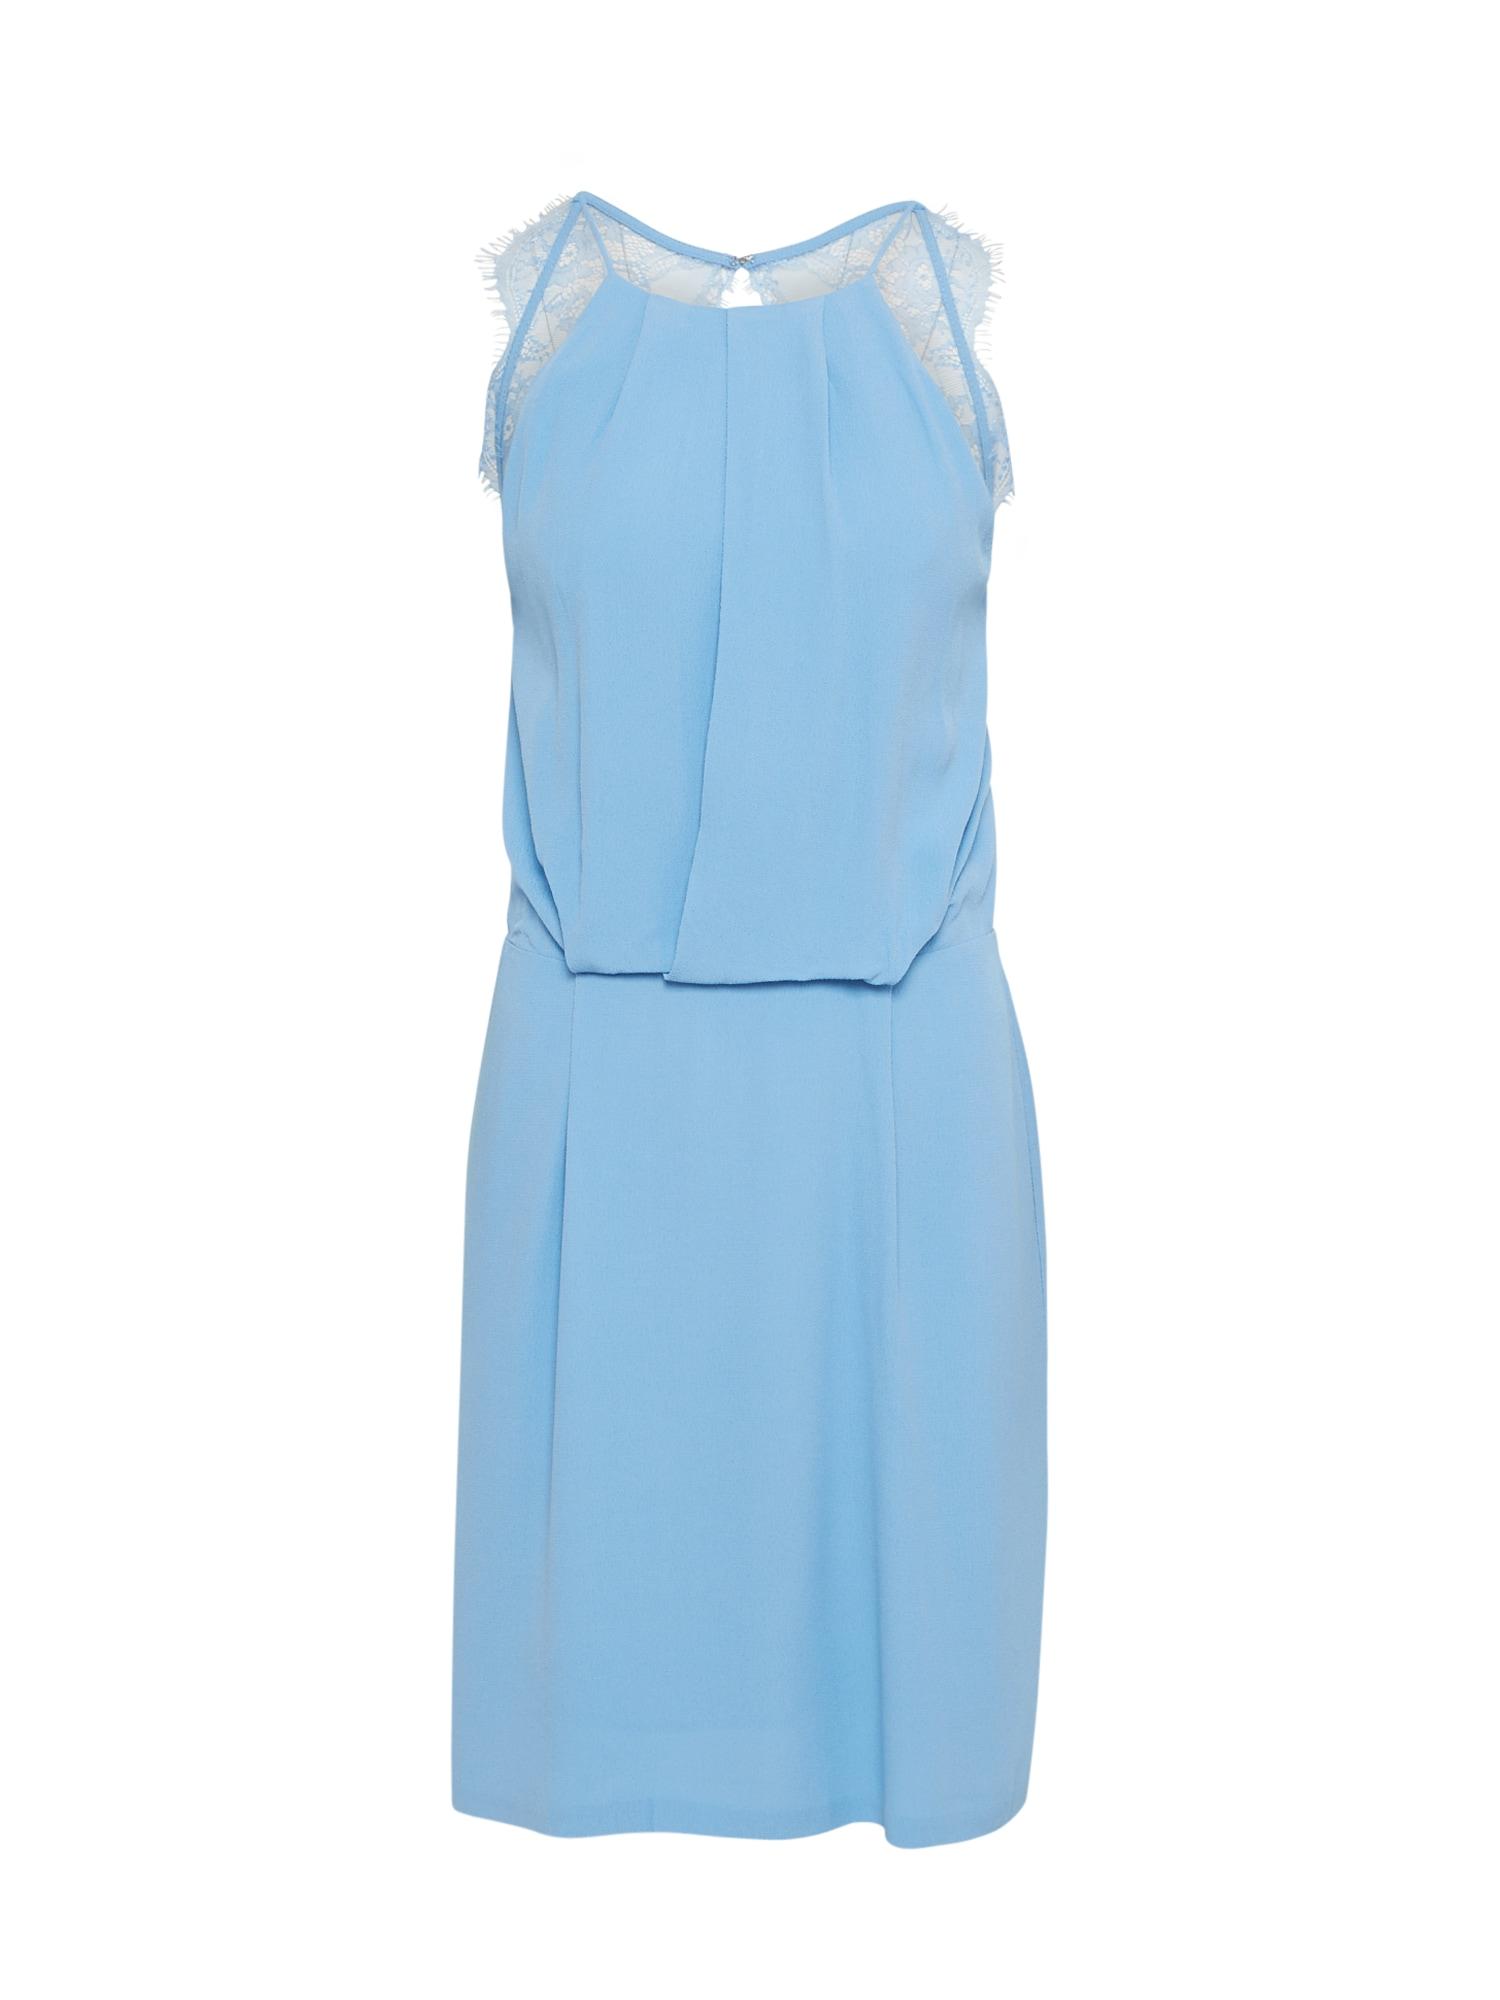 Letní šaty Willow 5687 světlemodrá Samsoe & Samsoe